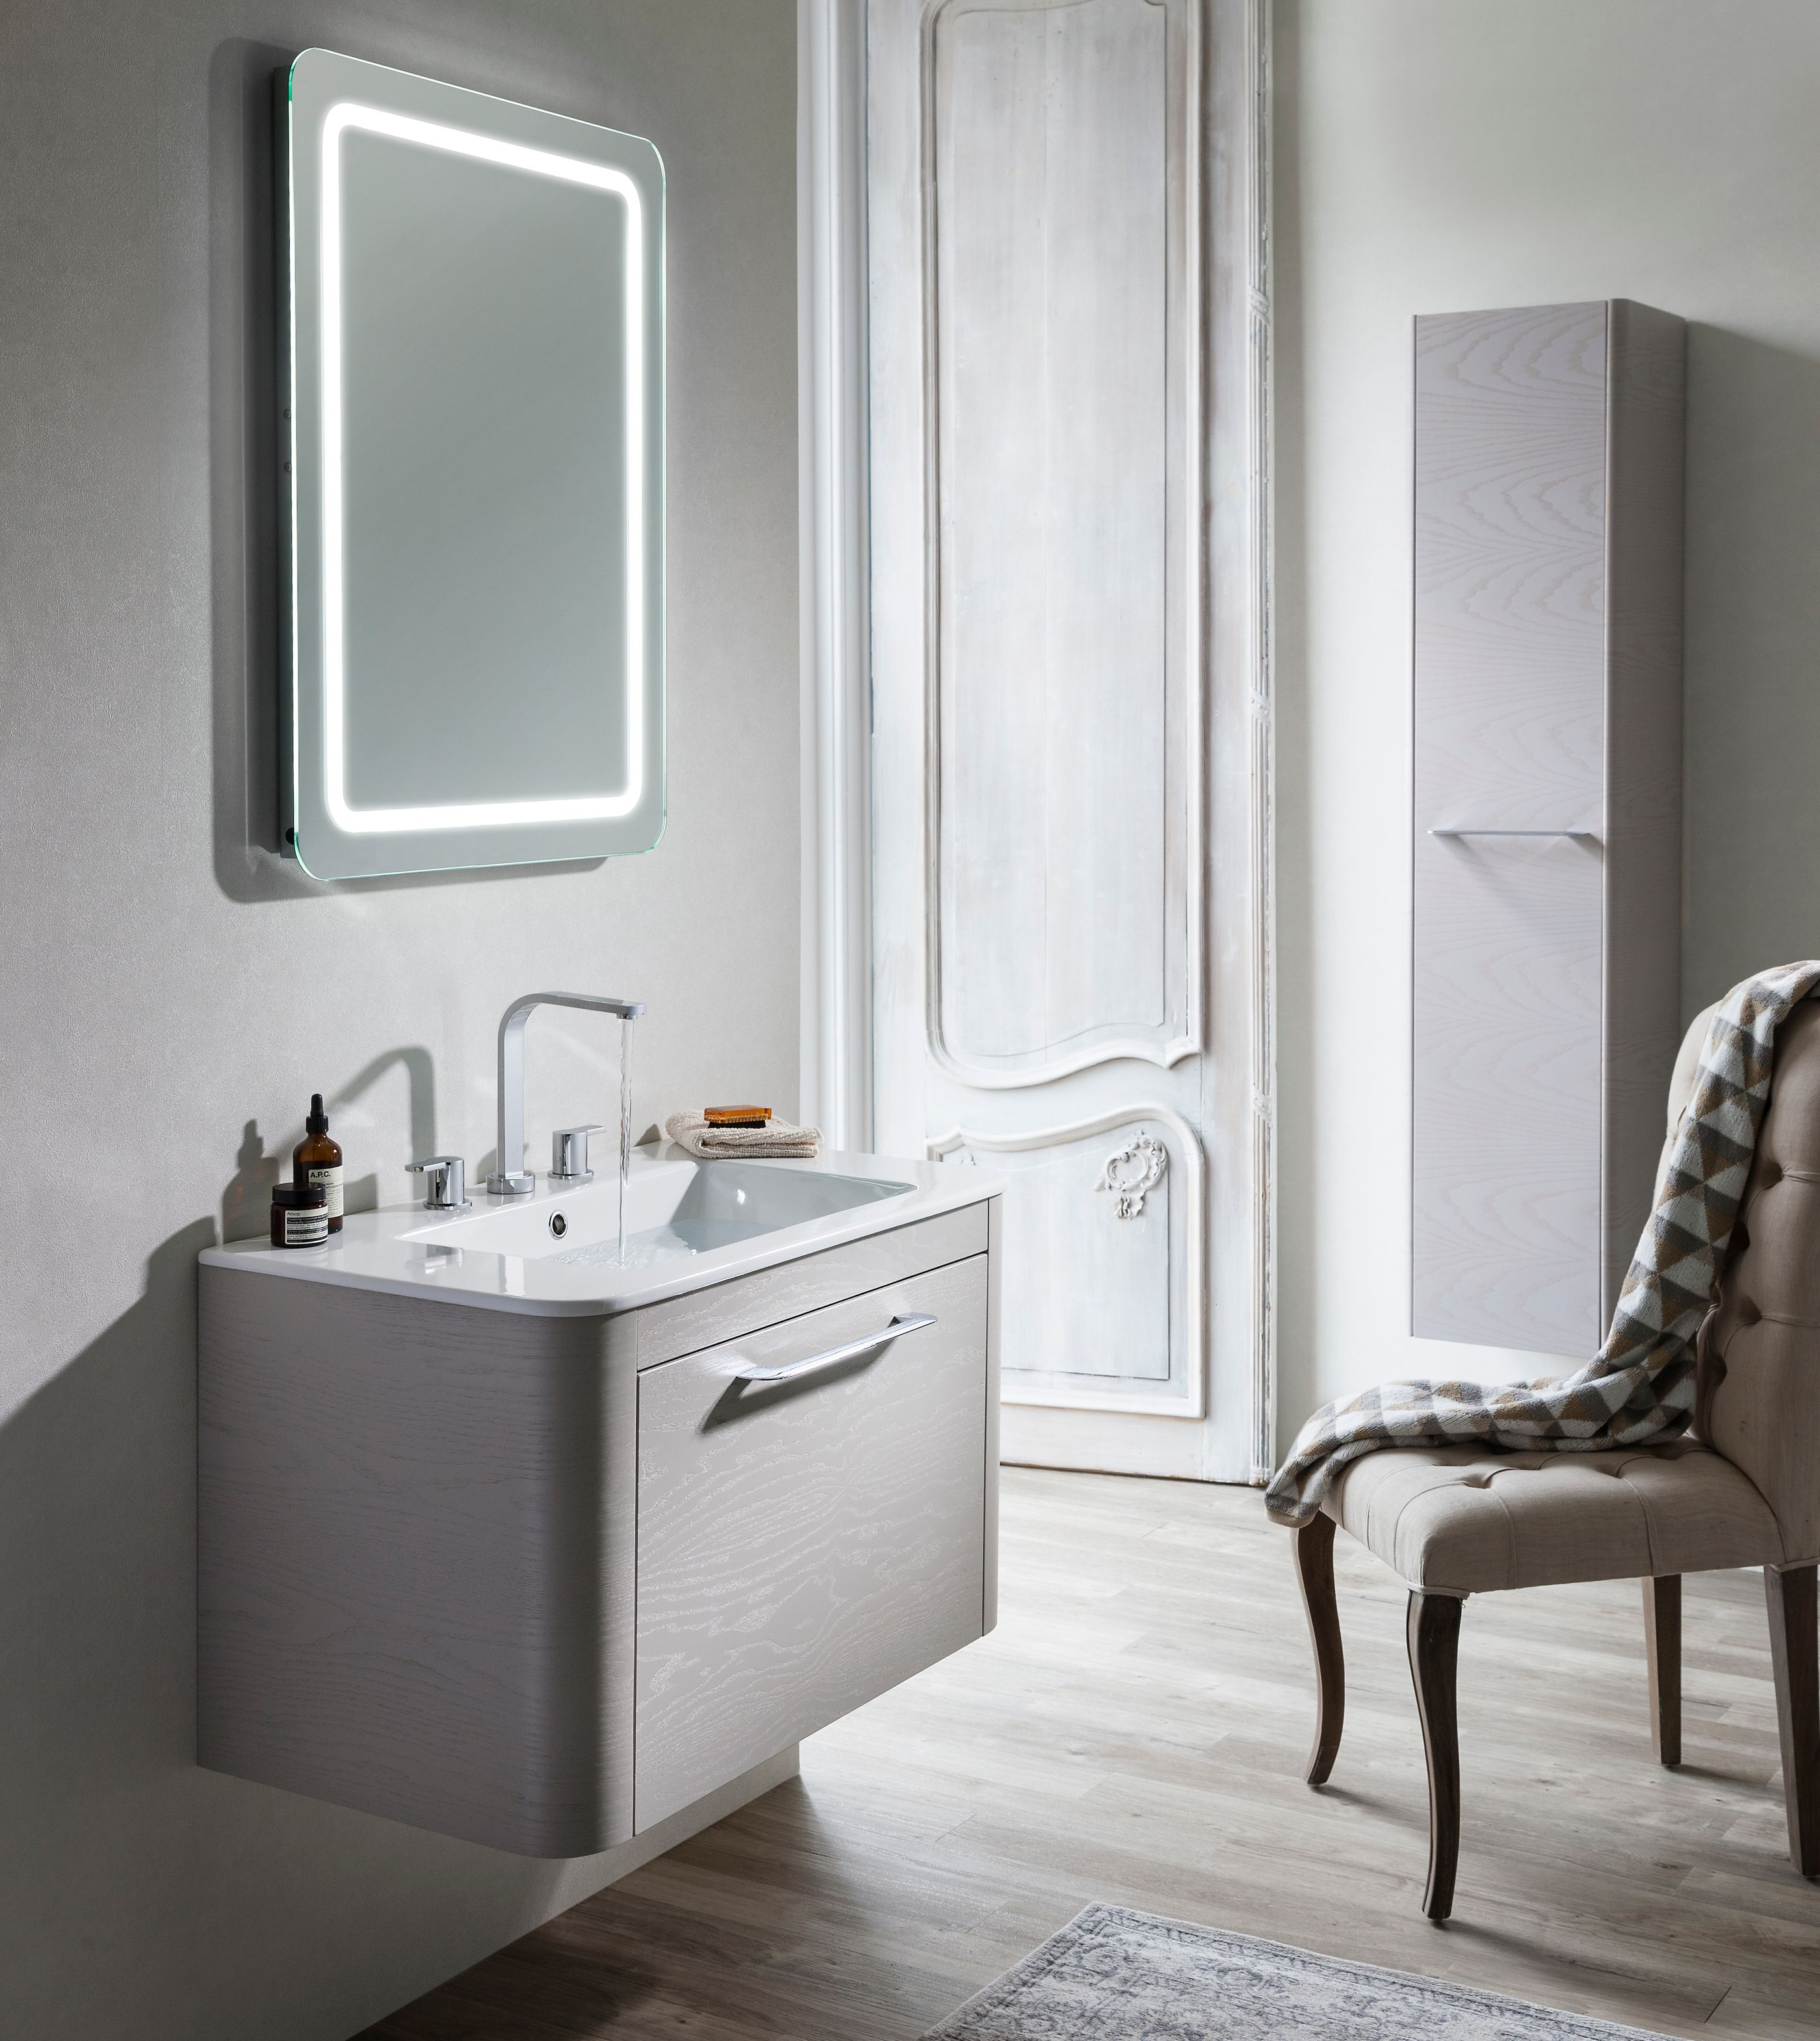 Crosswater Armaturen Bauhaus Elite Spiegel Slimline ...